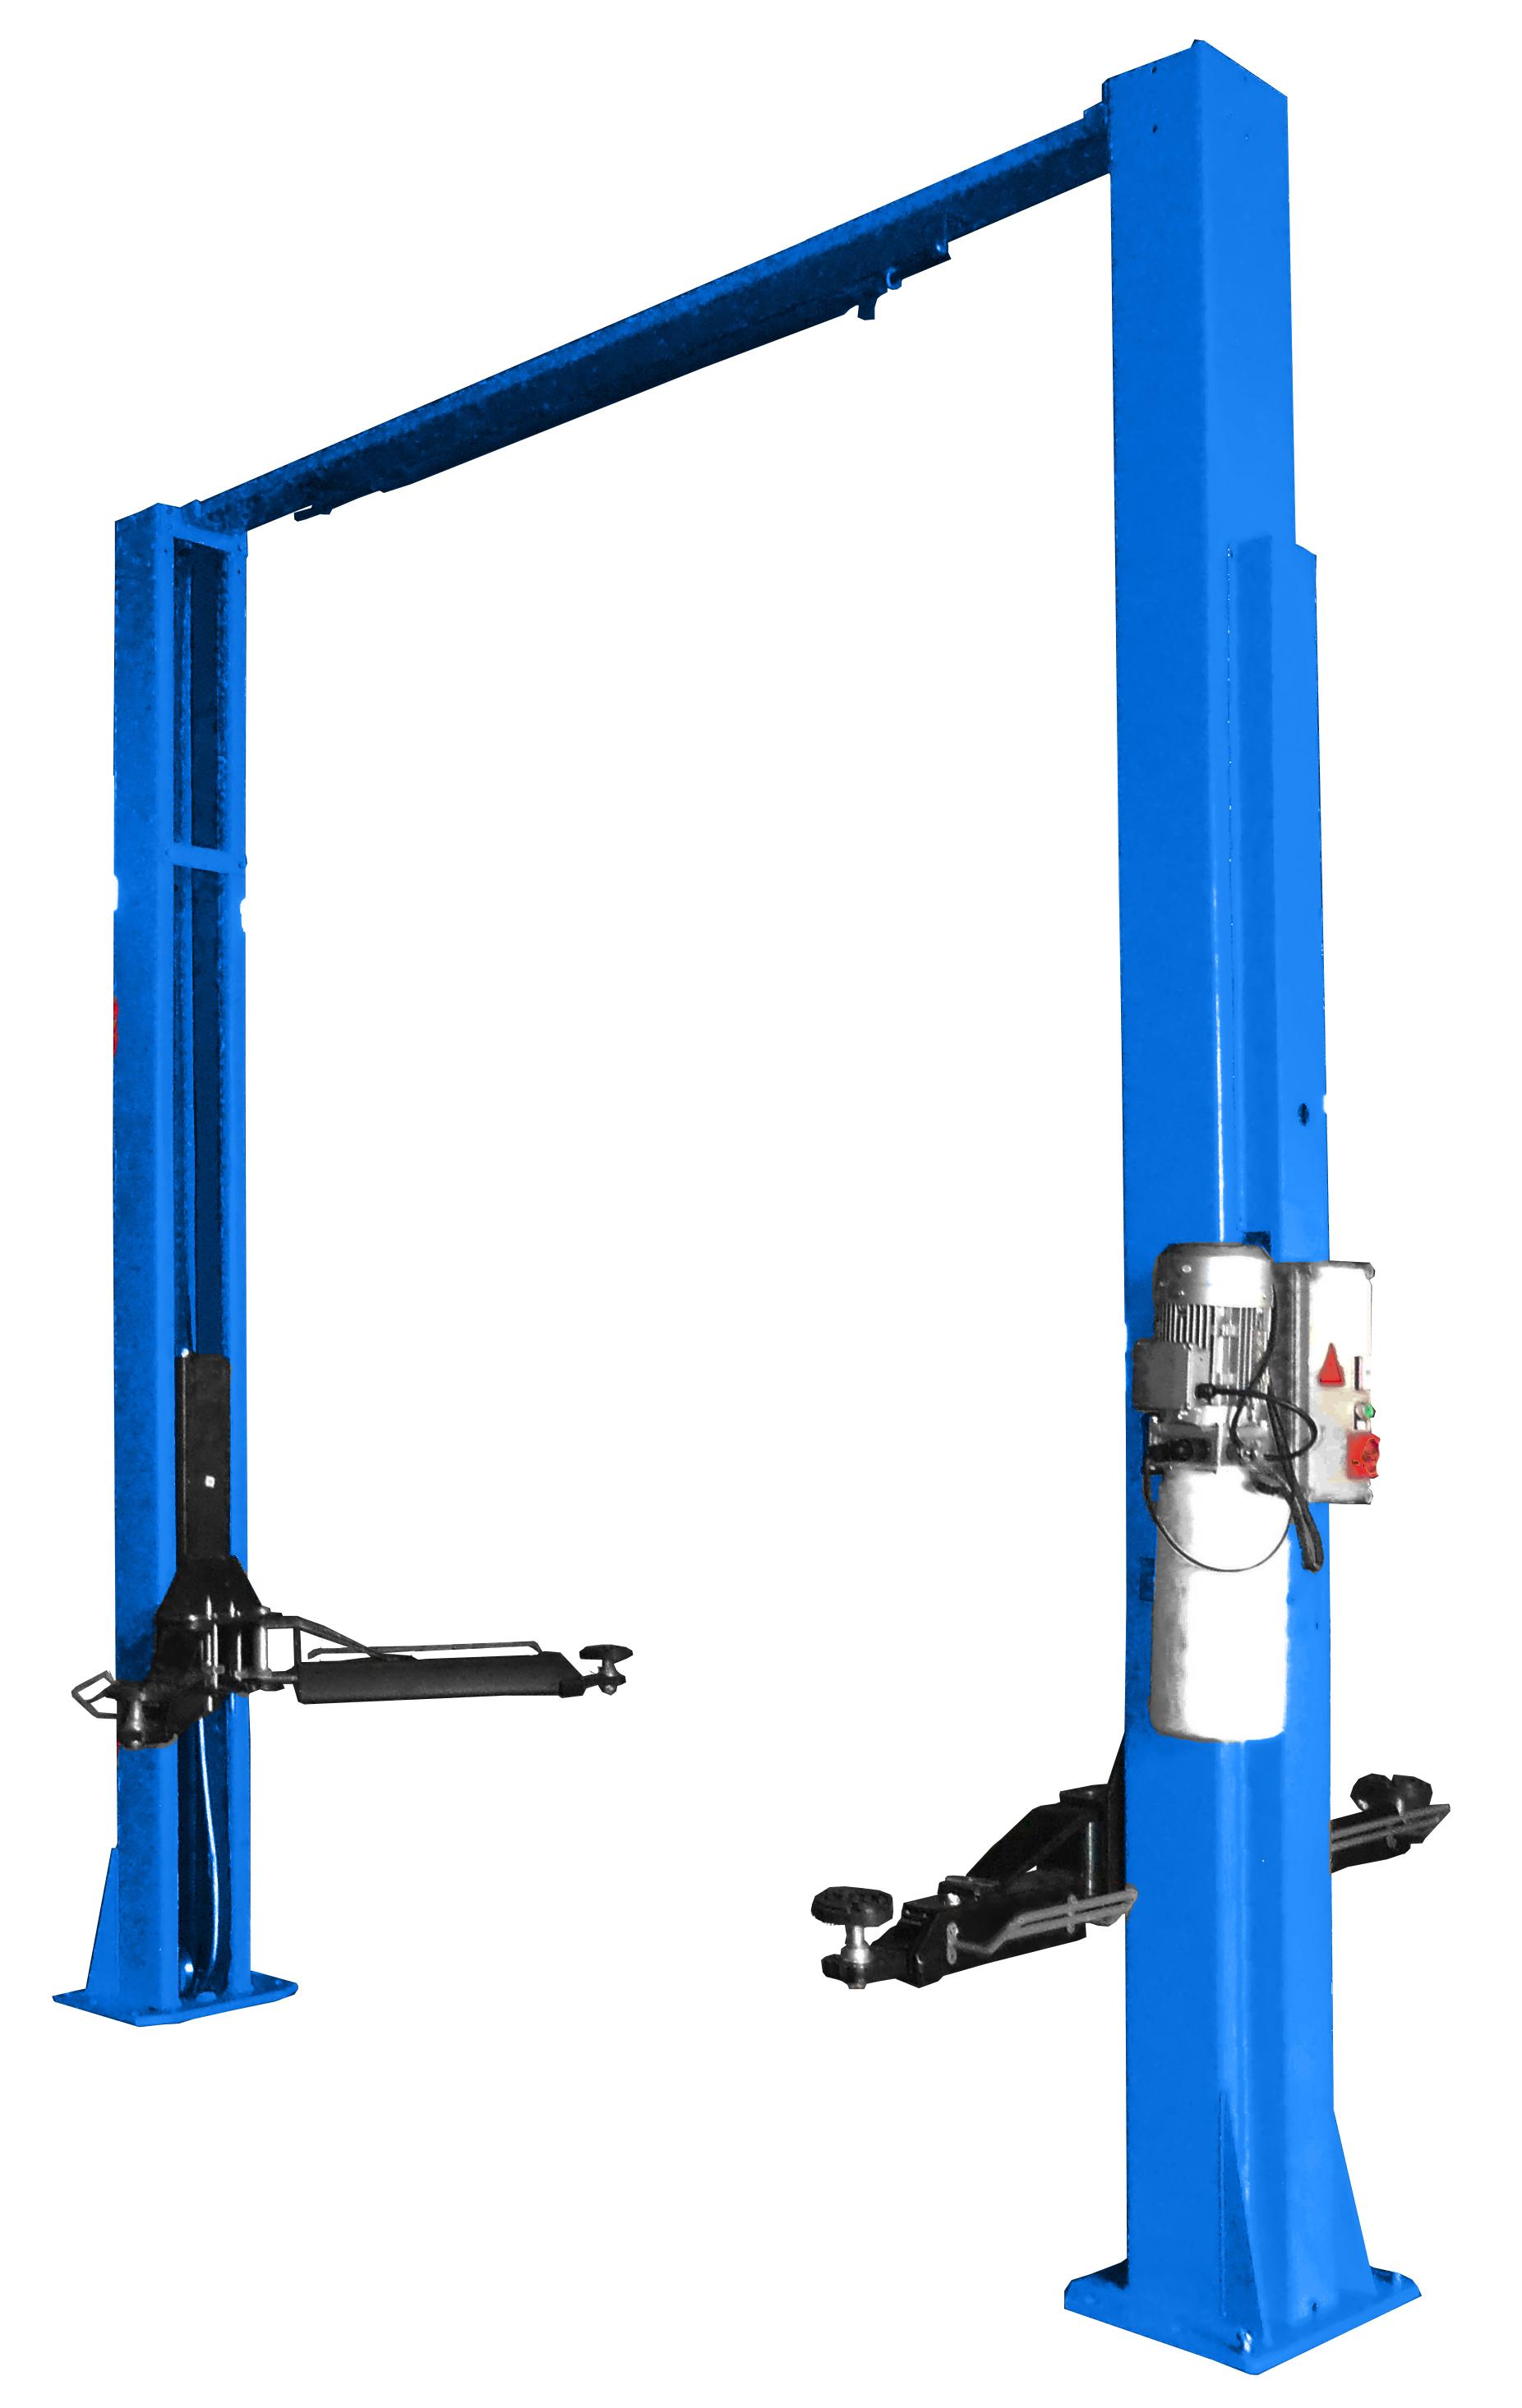 Подъемник двухстоечный г/п 4000 кг., электрогидравлический